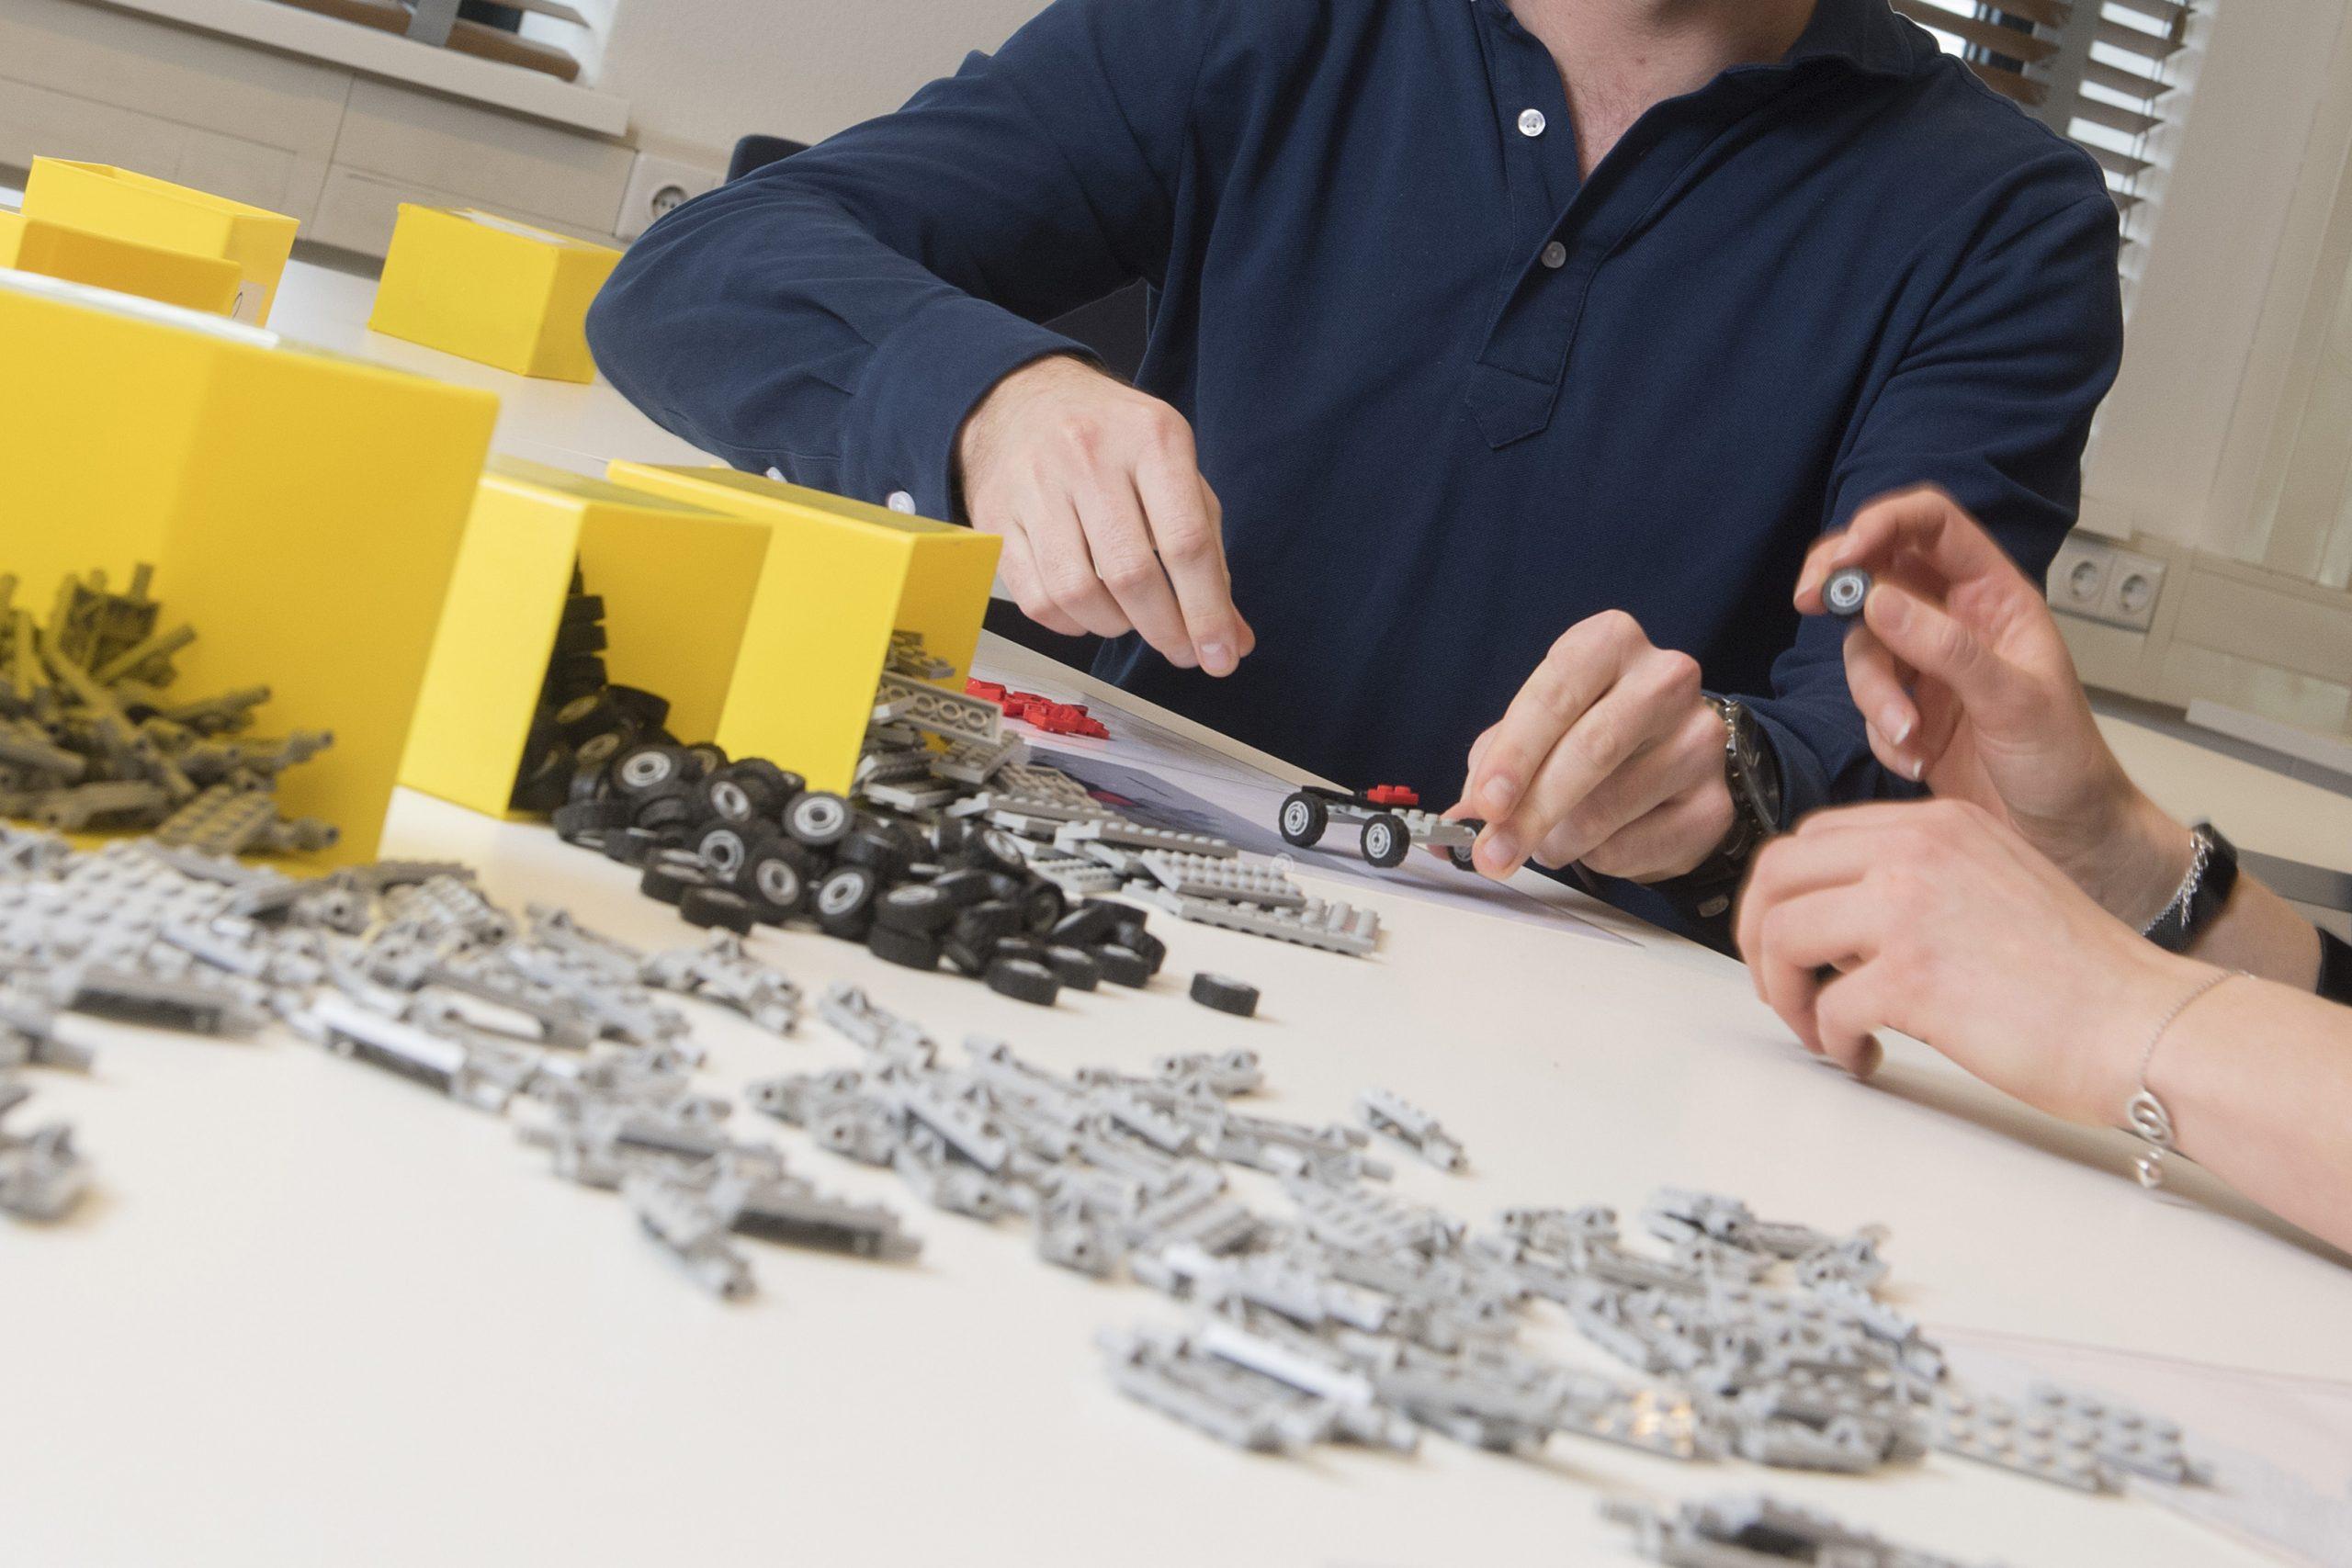 Case: Lean Lego game - Ervaar de kracht van Lean in een productieomgeving